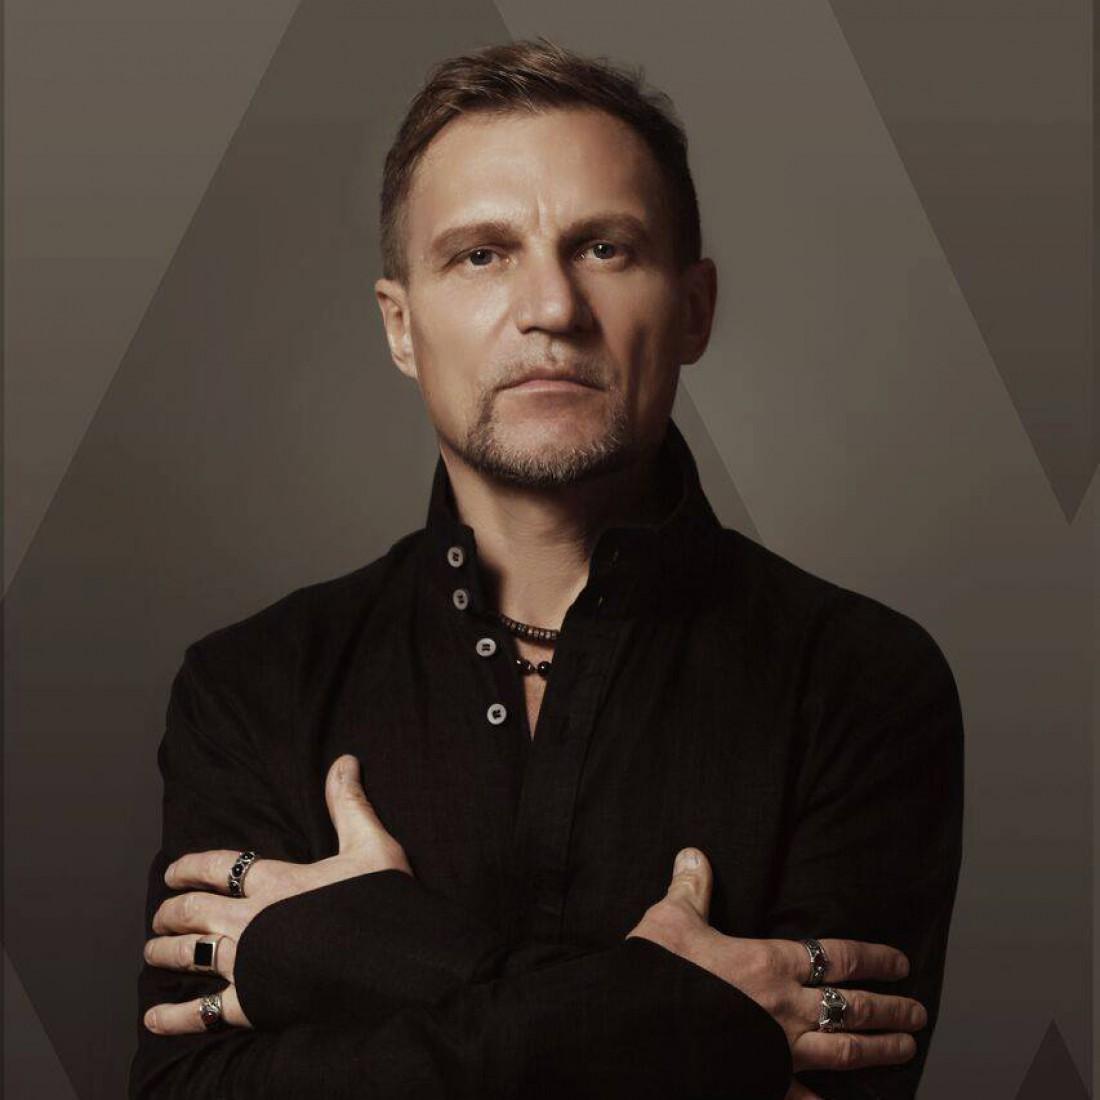 Олег Скрипка дал обширное интервью о зоне АТО и украинских артистах